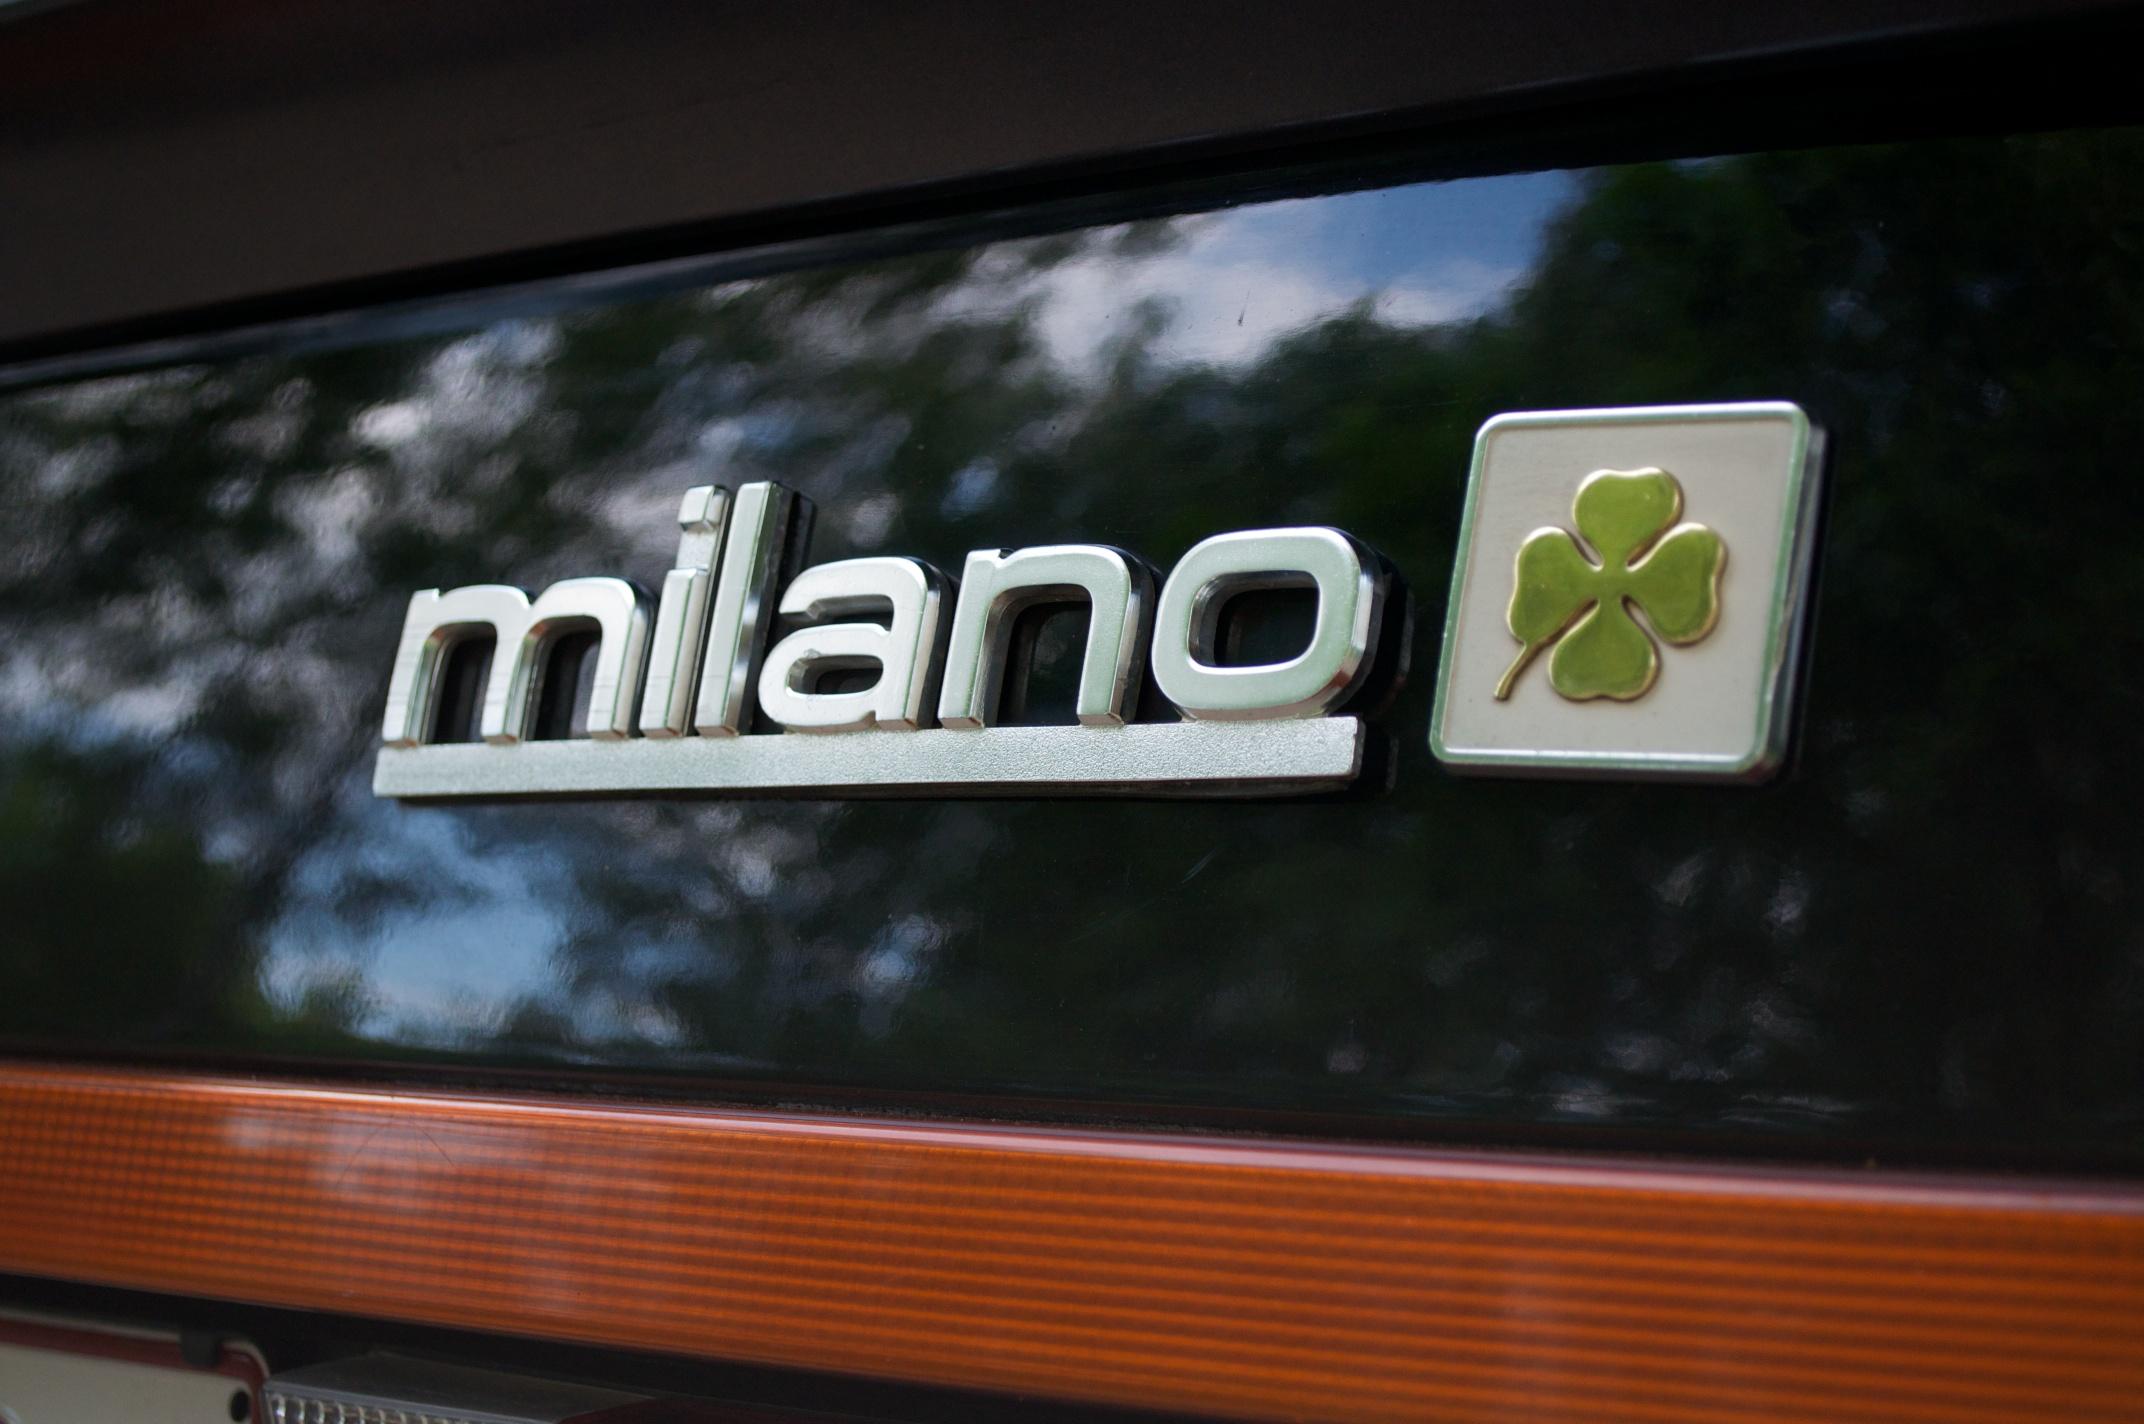 Alfa_Romeo_Milano.jpg